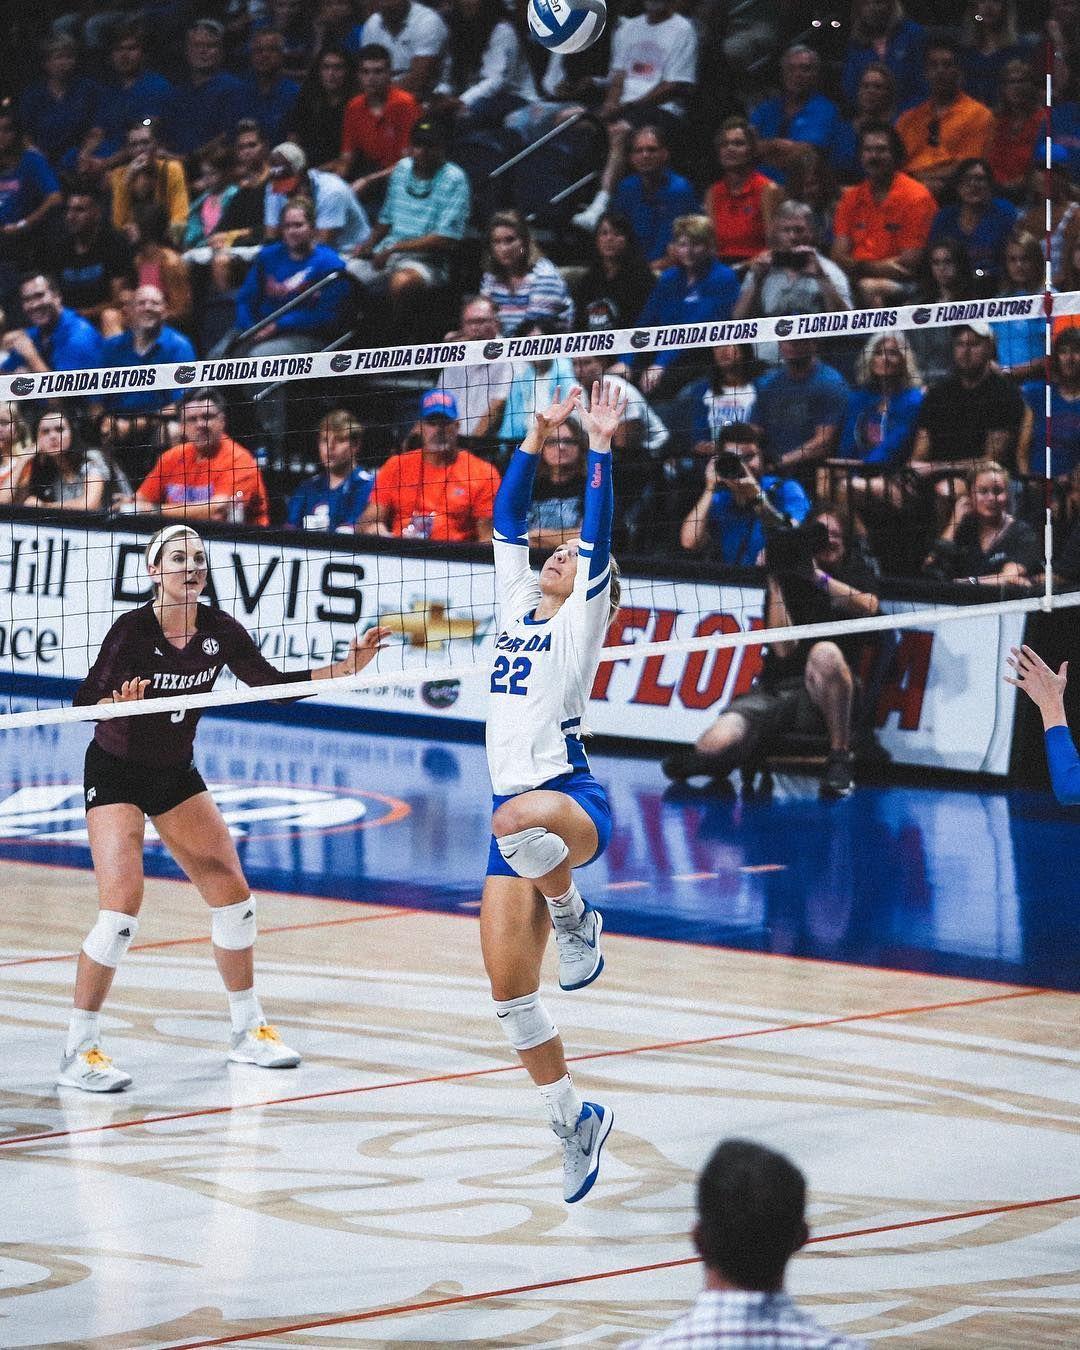 Gefallt 3 864 Mal 2 Kommentare Florida Gators Volleyball Gatorsvb Auf Instagram Gogators Tumblr Voleibol Voley Voleibol